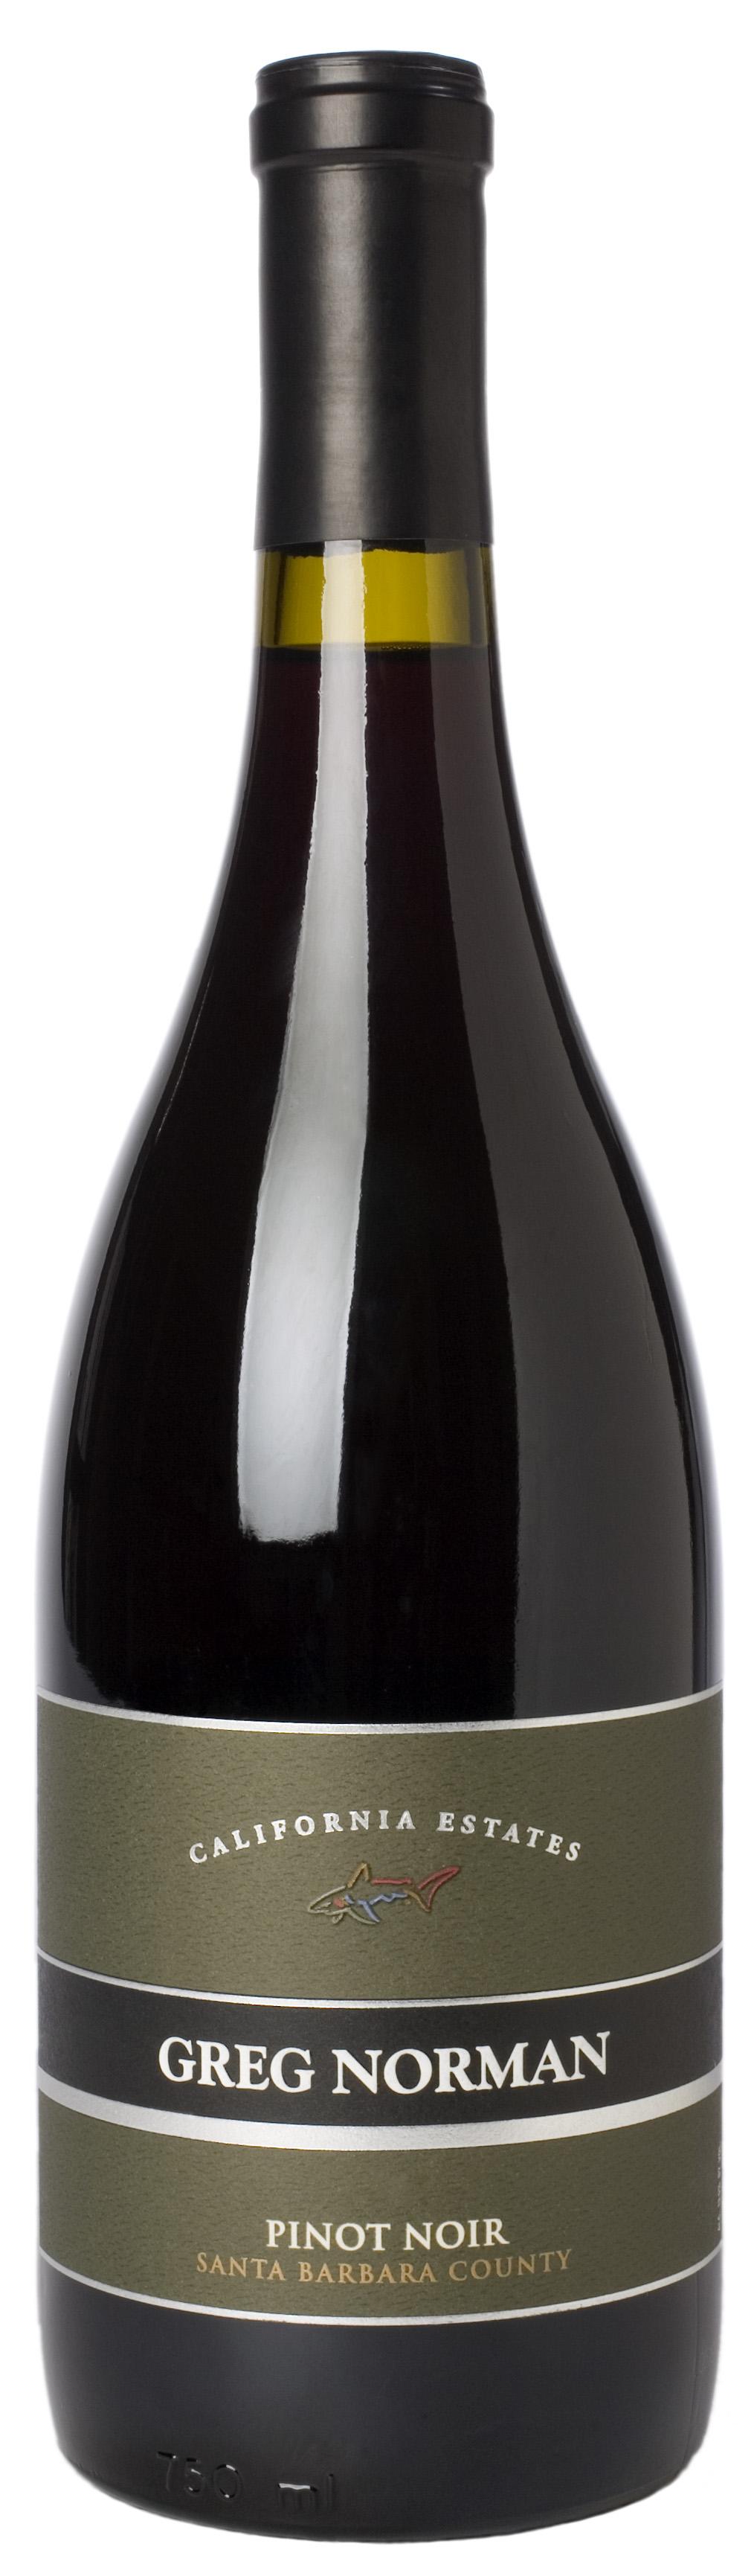 Greg norman pinot noir pinot noir wine connoisseur wines